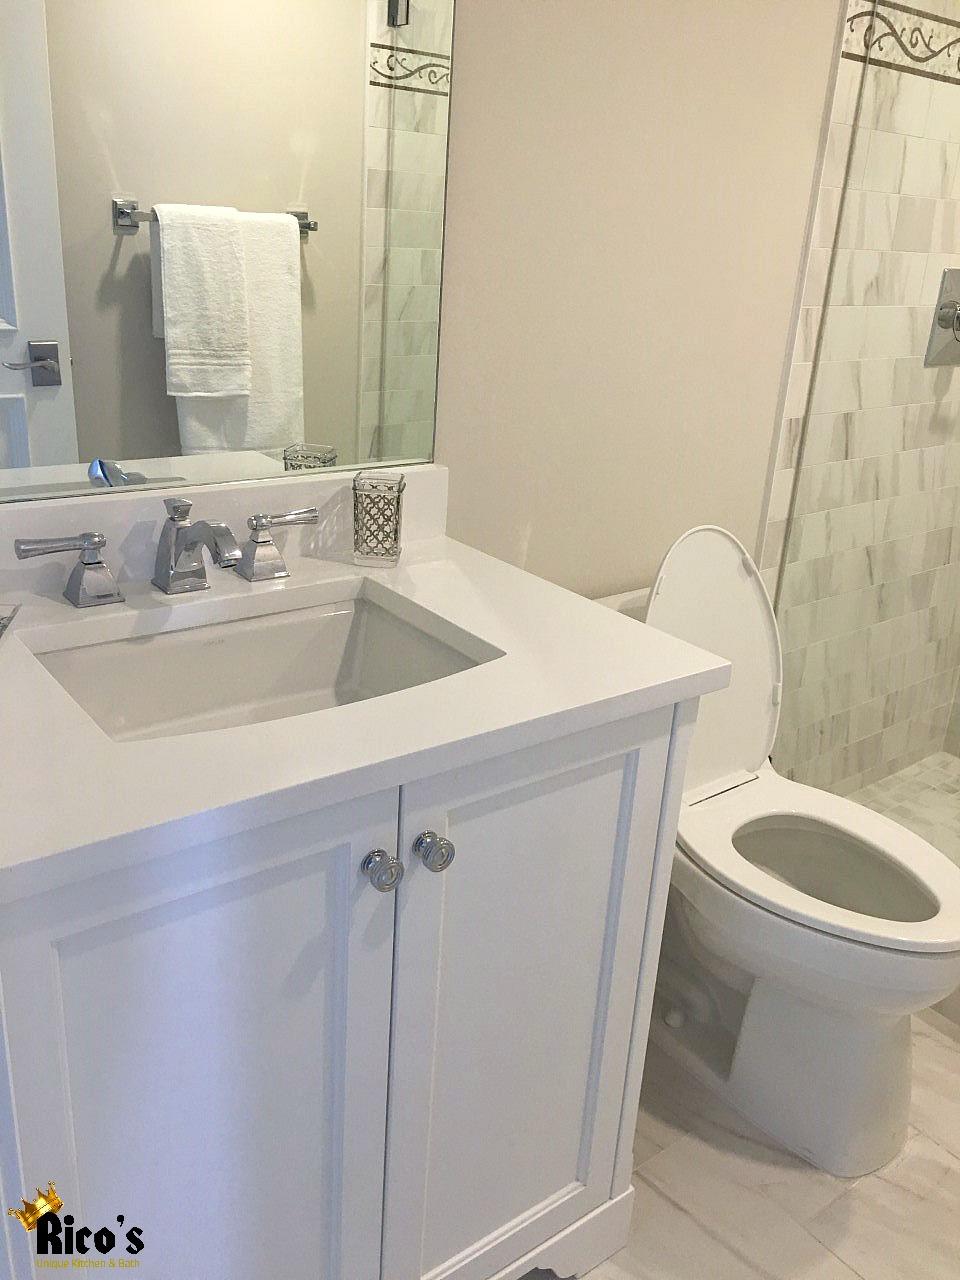 Ricos Unique Kitchen And Bath 2725 N Federal Hwy Delray Beach Fl 33483 Yp